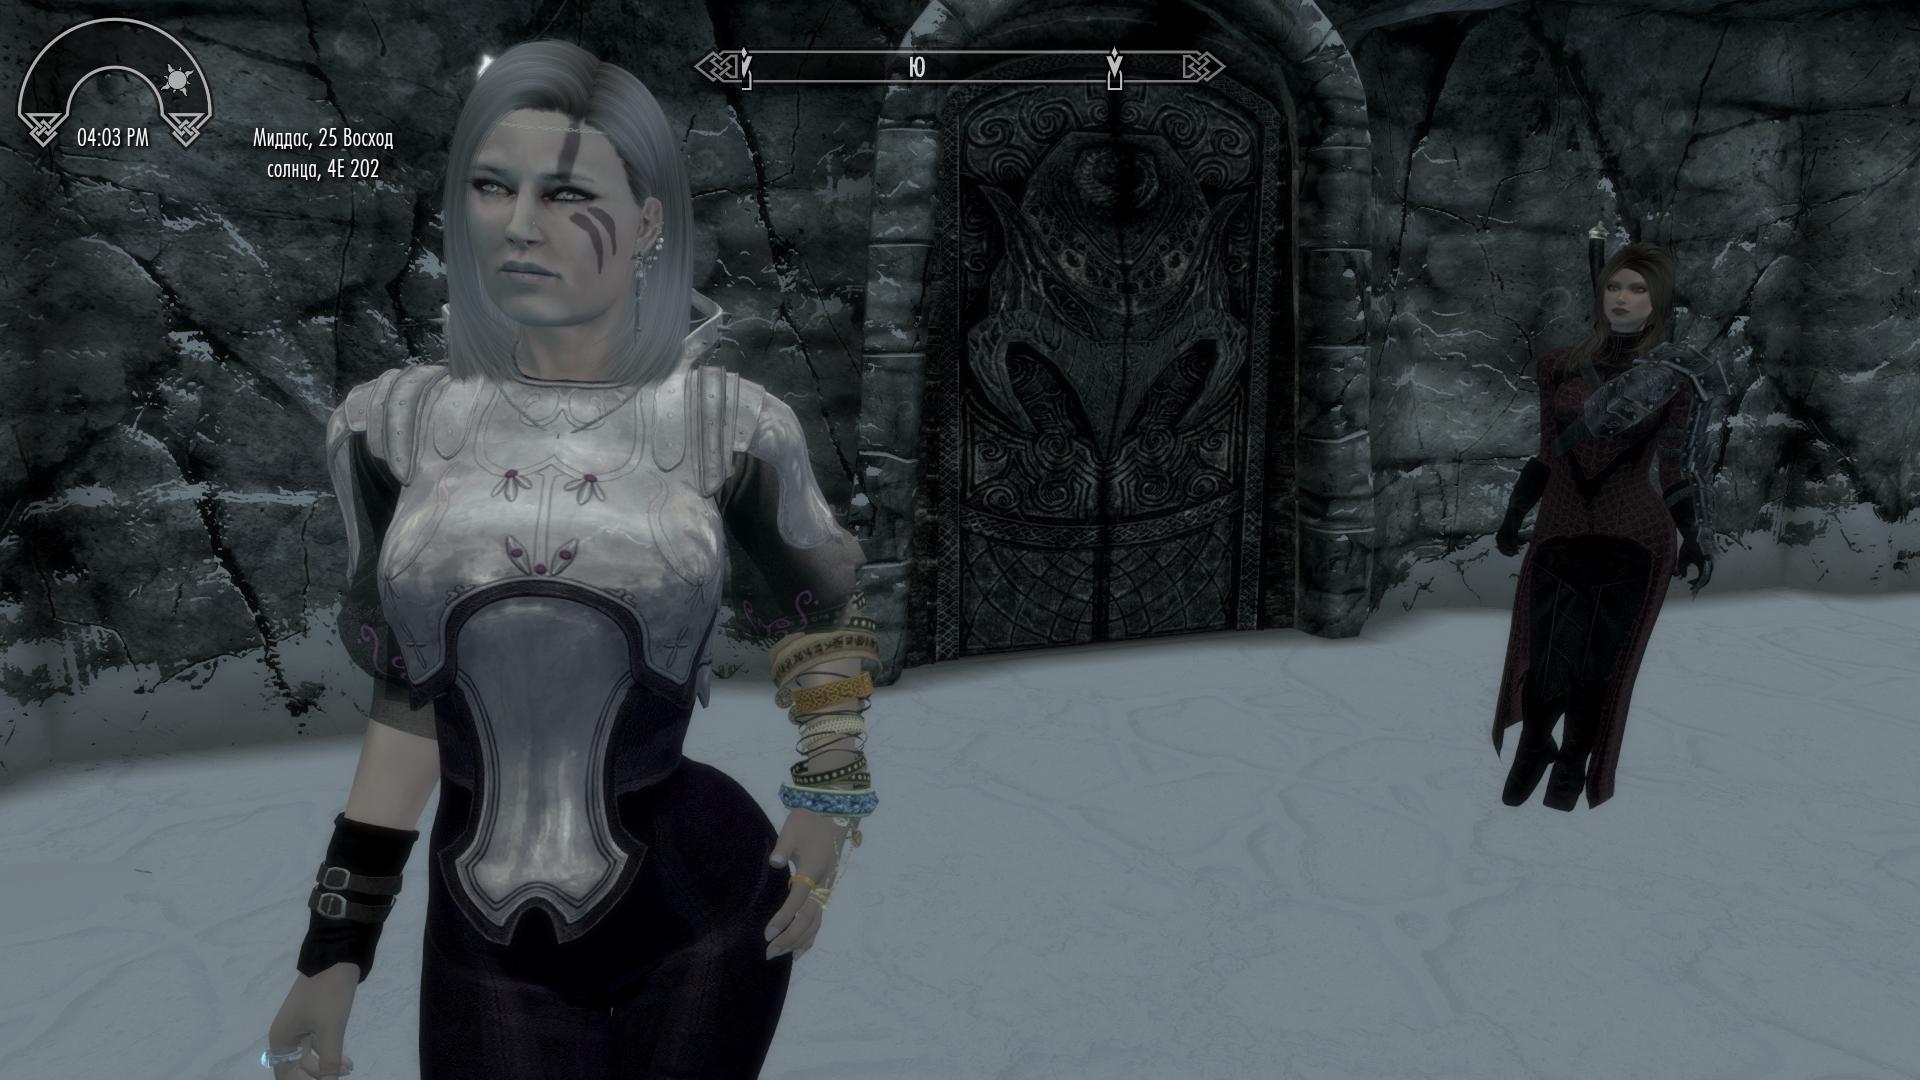 Героиня ракурс 32 - Elder Scrolls 5: Skyrim, the